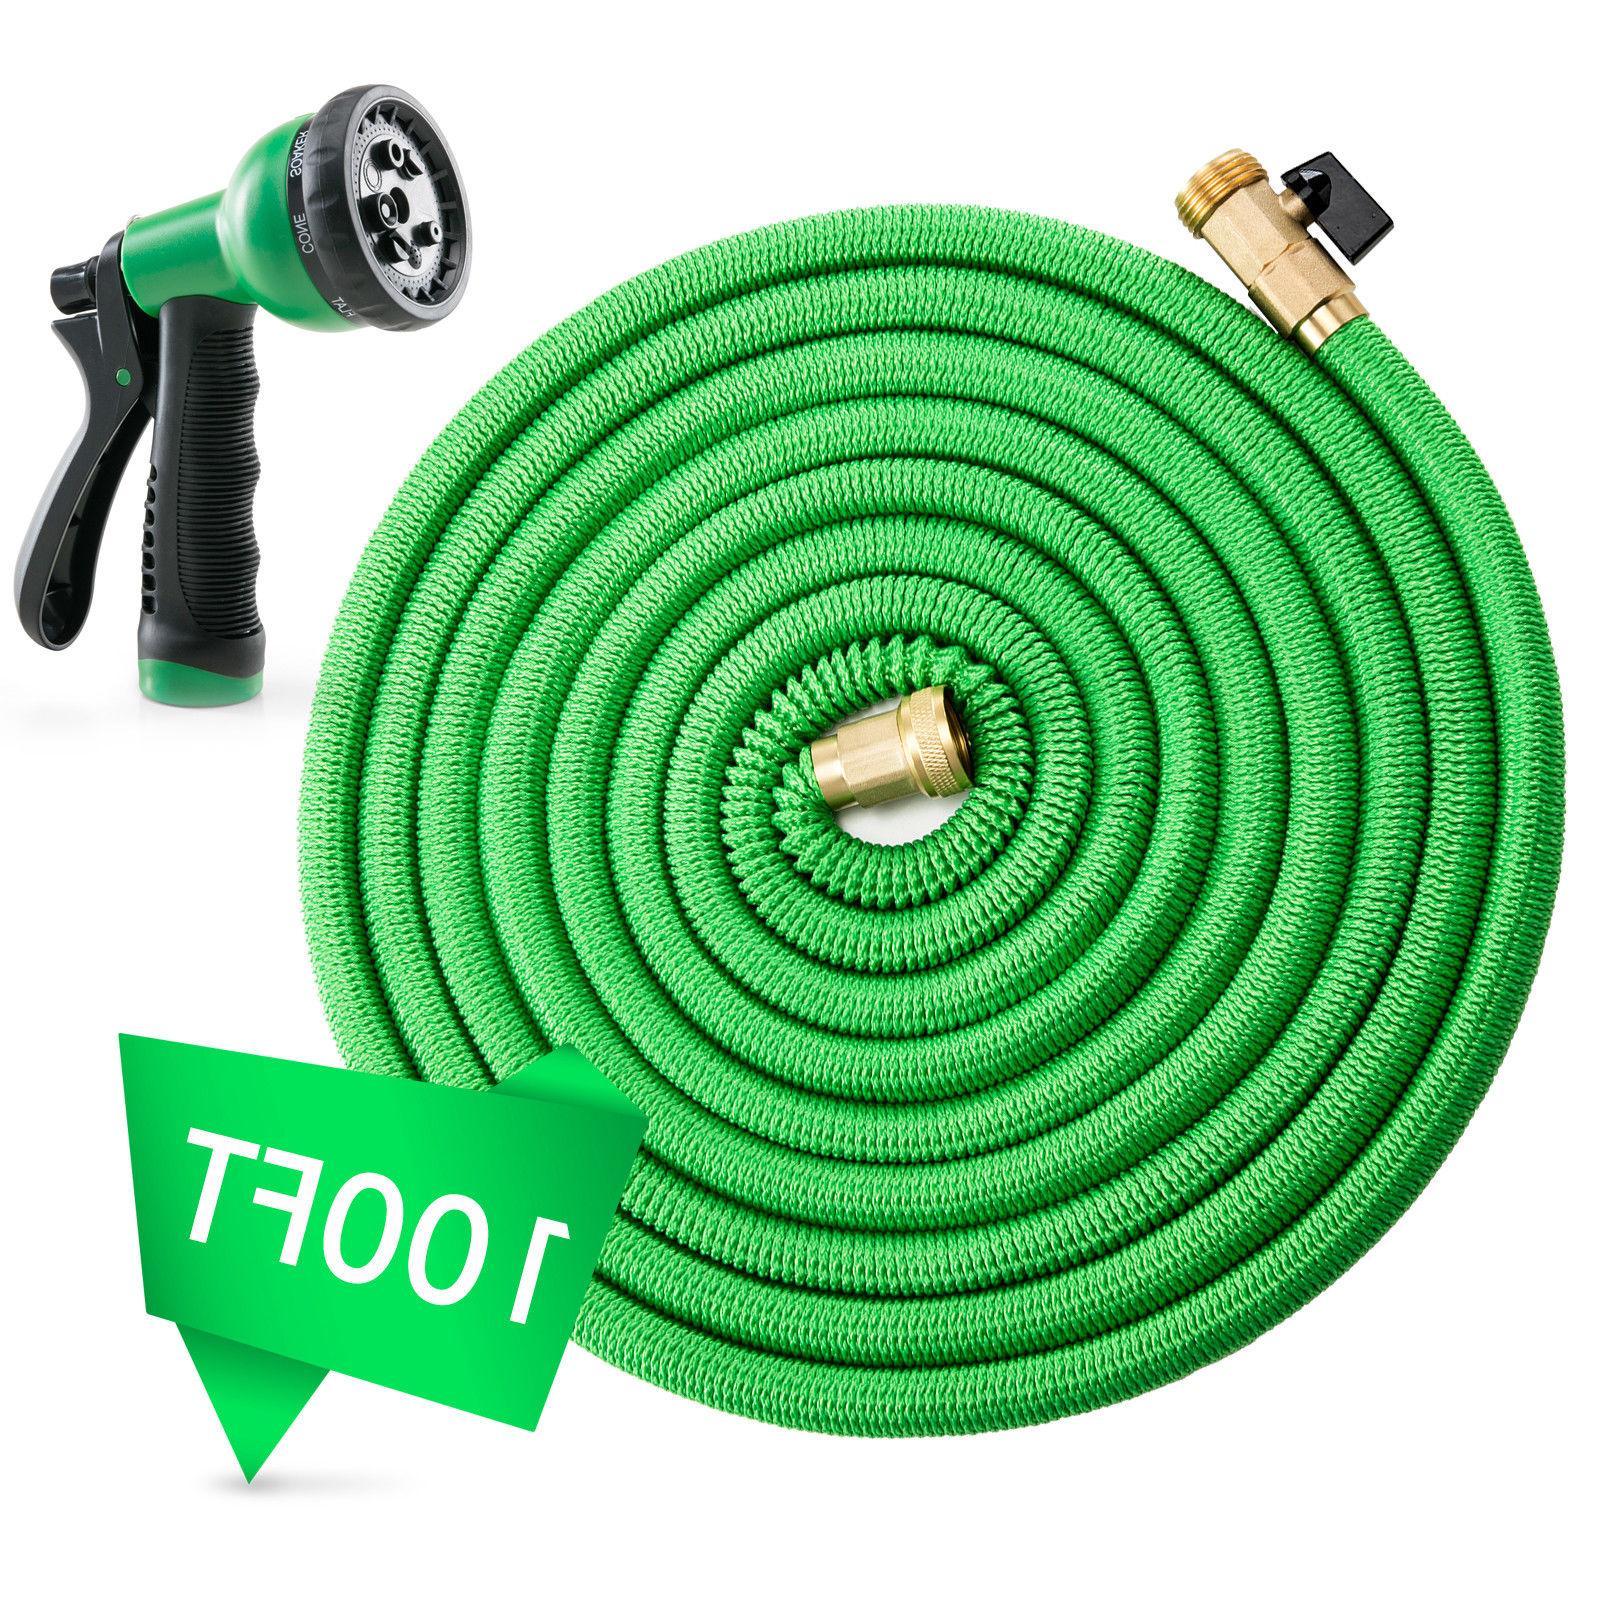 Deluxe 50 FT Expandable Flexible Garden Water Hose Spray